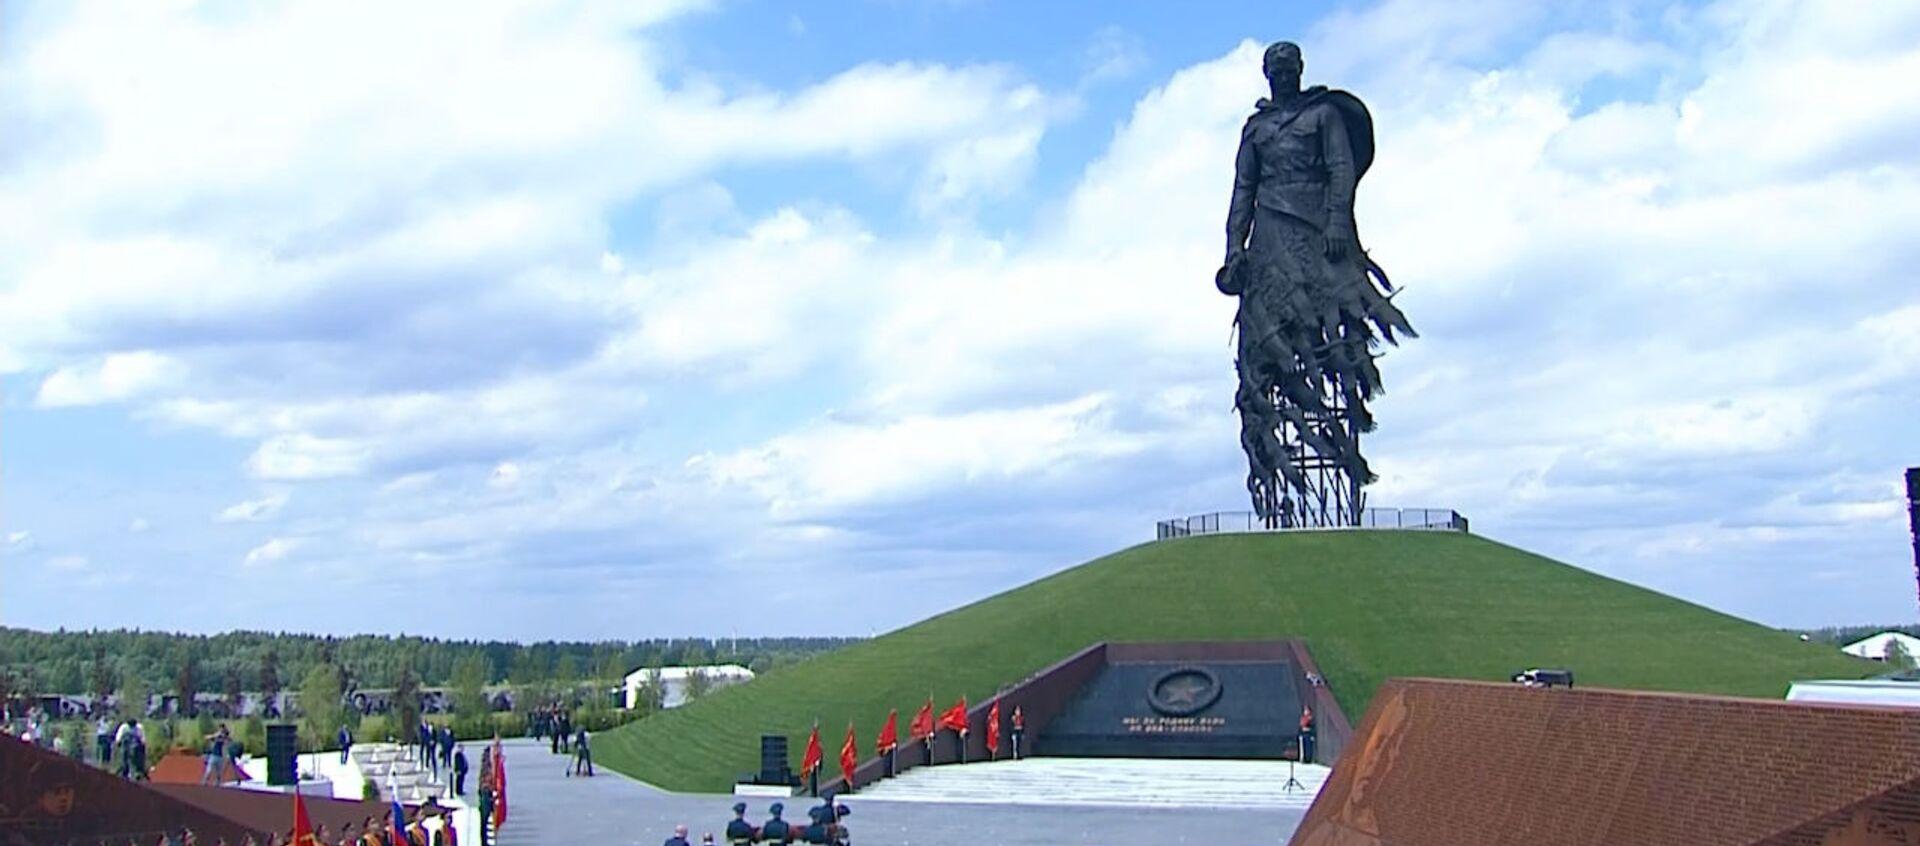 Пуцін і Лукашэнка адкрылі Ржэўскі мемарыял Савецкаму салдату - відэа - Sputnik Беларусь, 1920, 30.06.2020